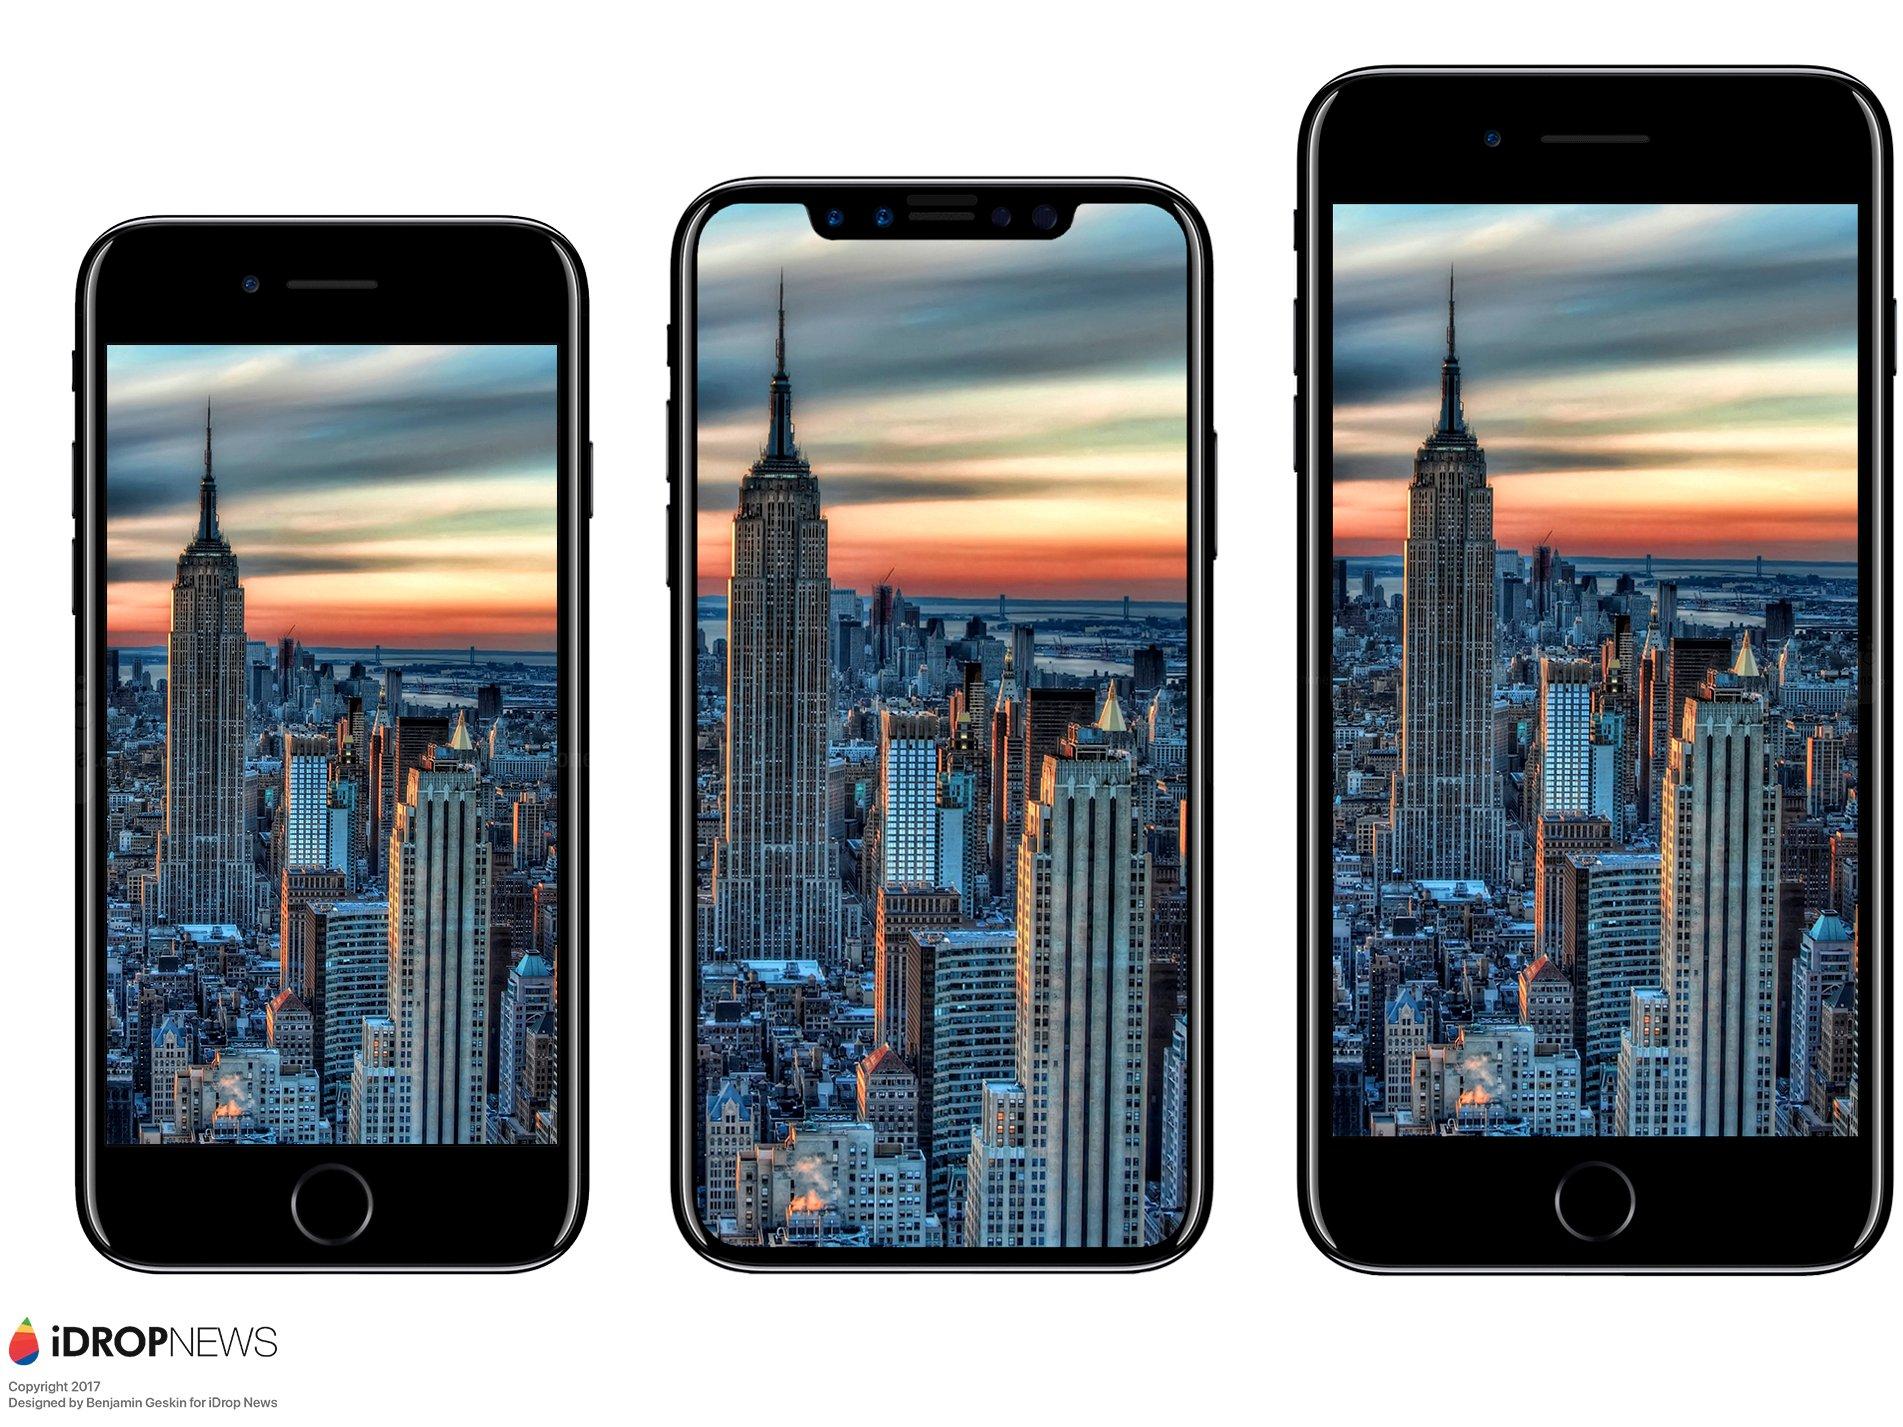 iPhone又长个了?传闻称iPhone 8比iPhone 7大